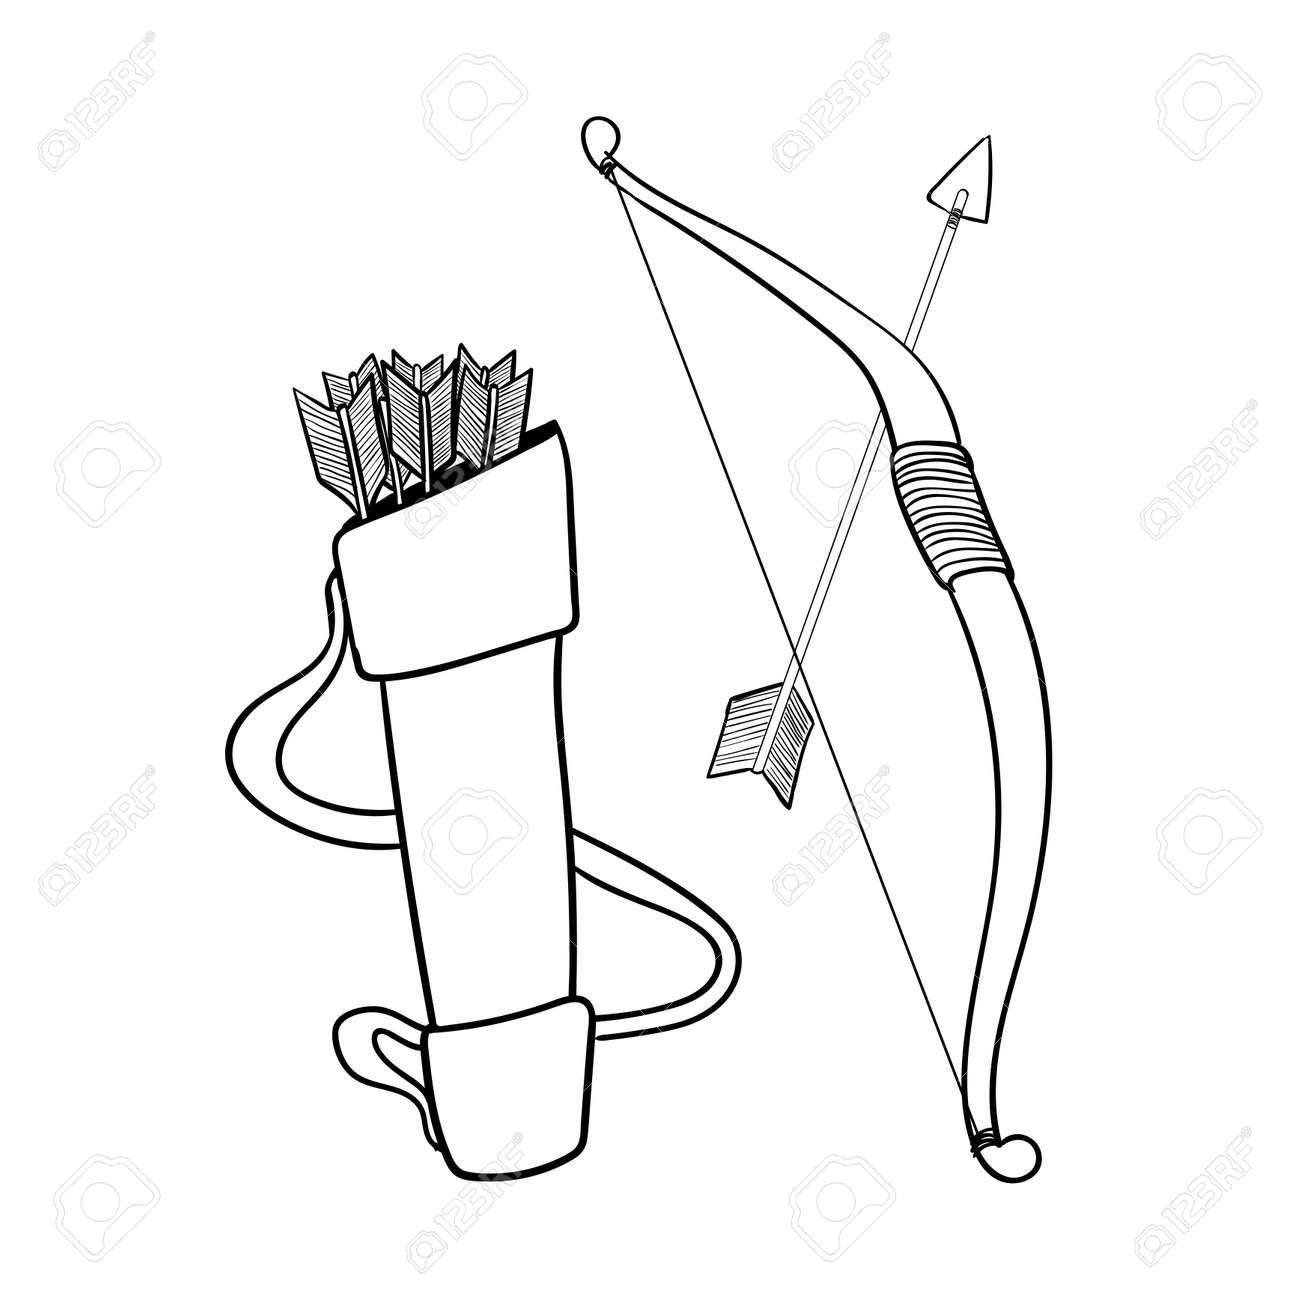 Dibujado A Mano Flechas Arco Y Caja, Aislado Sobre Fondo Blanco ...